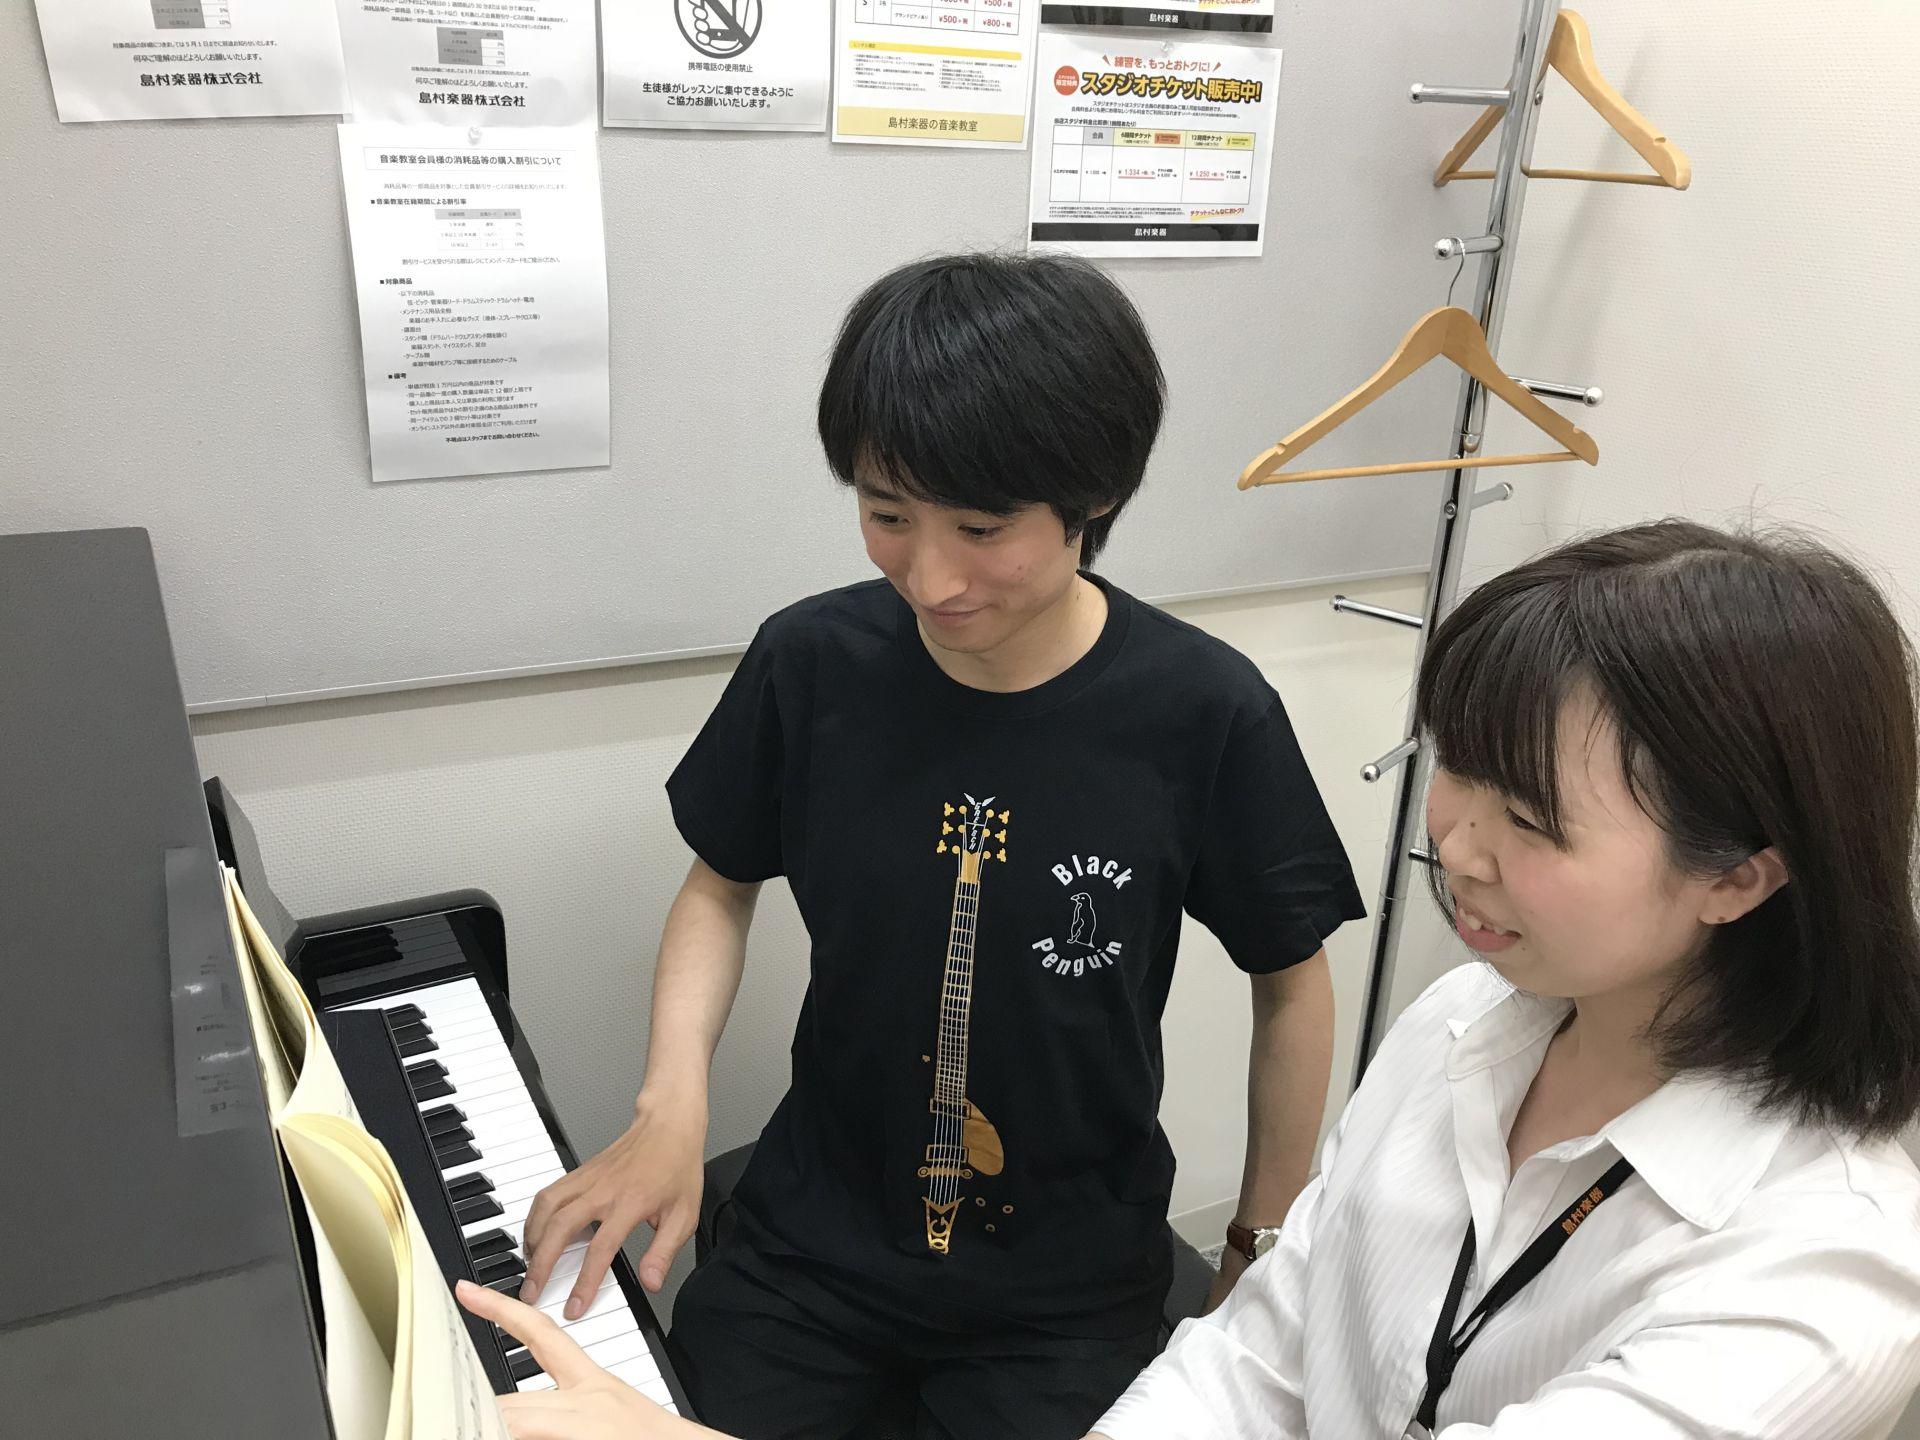 ギタリスト向け ピアノサロン レッスン